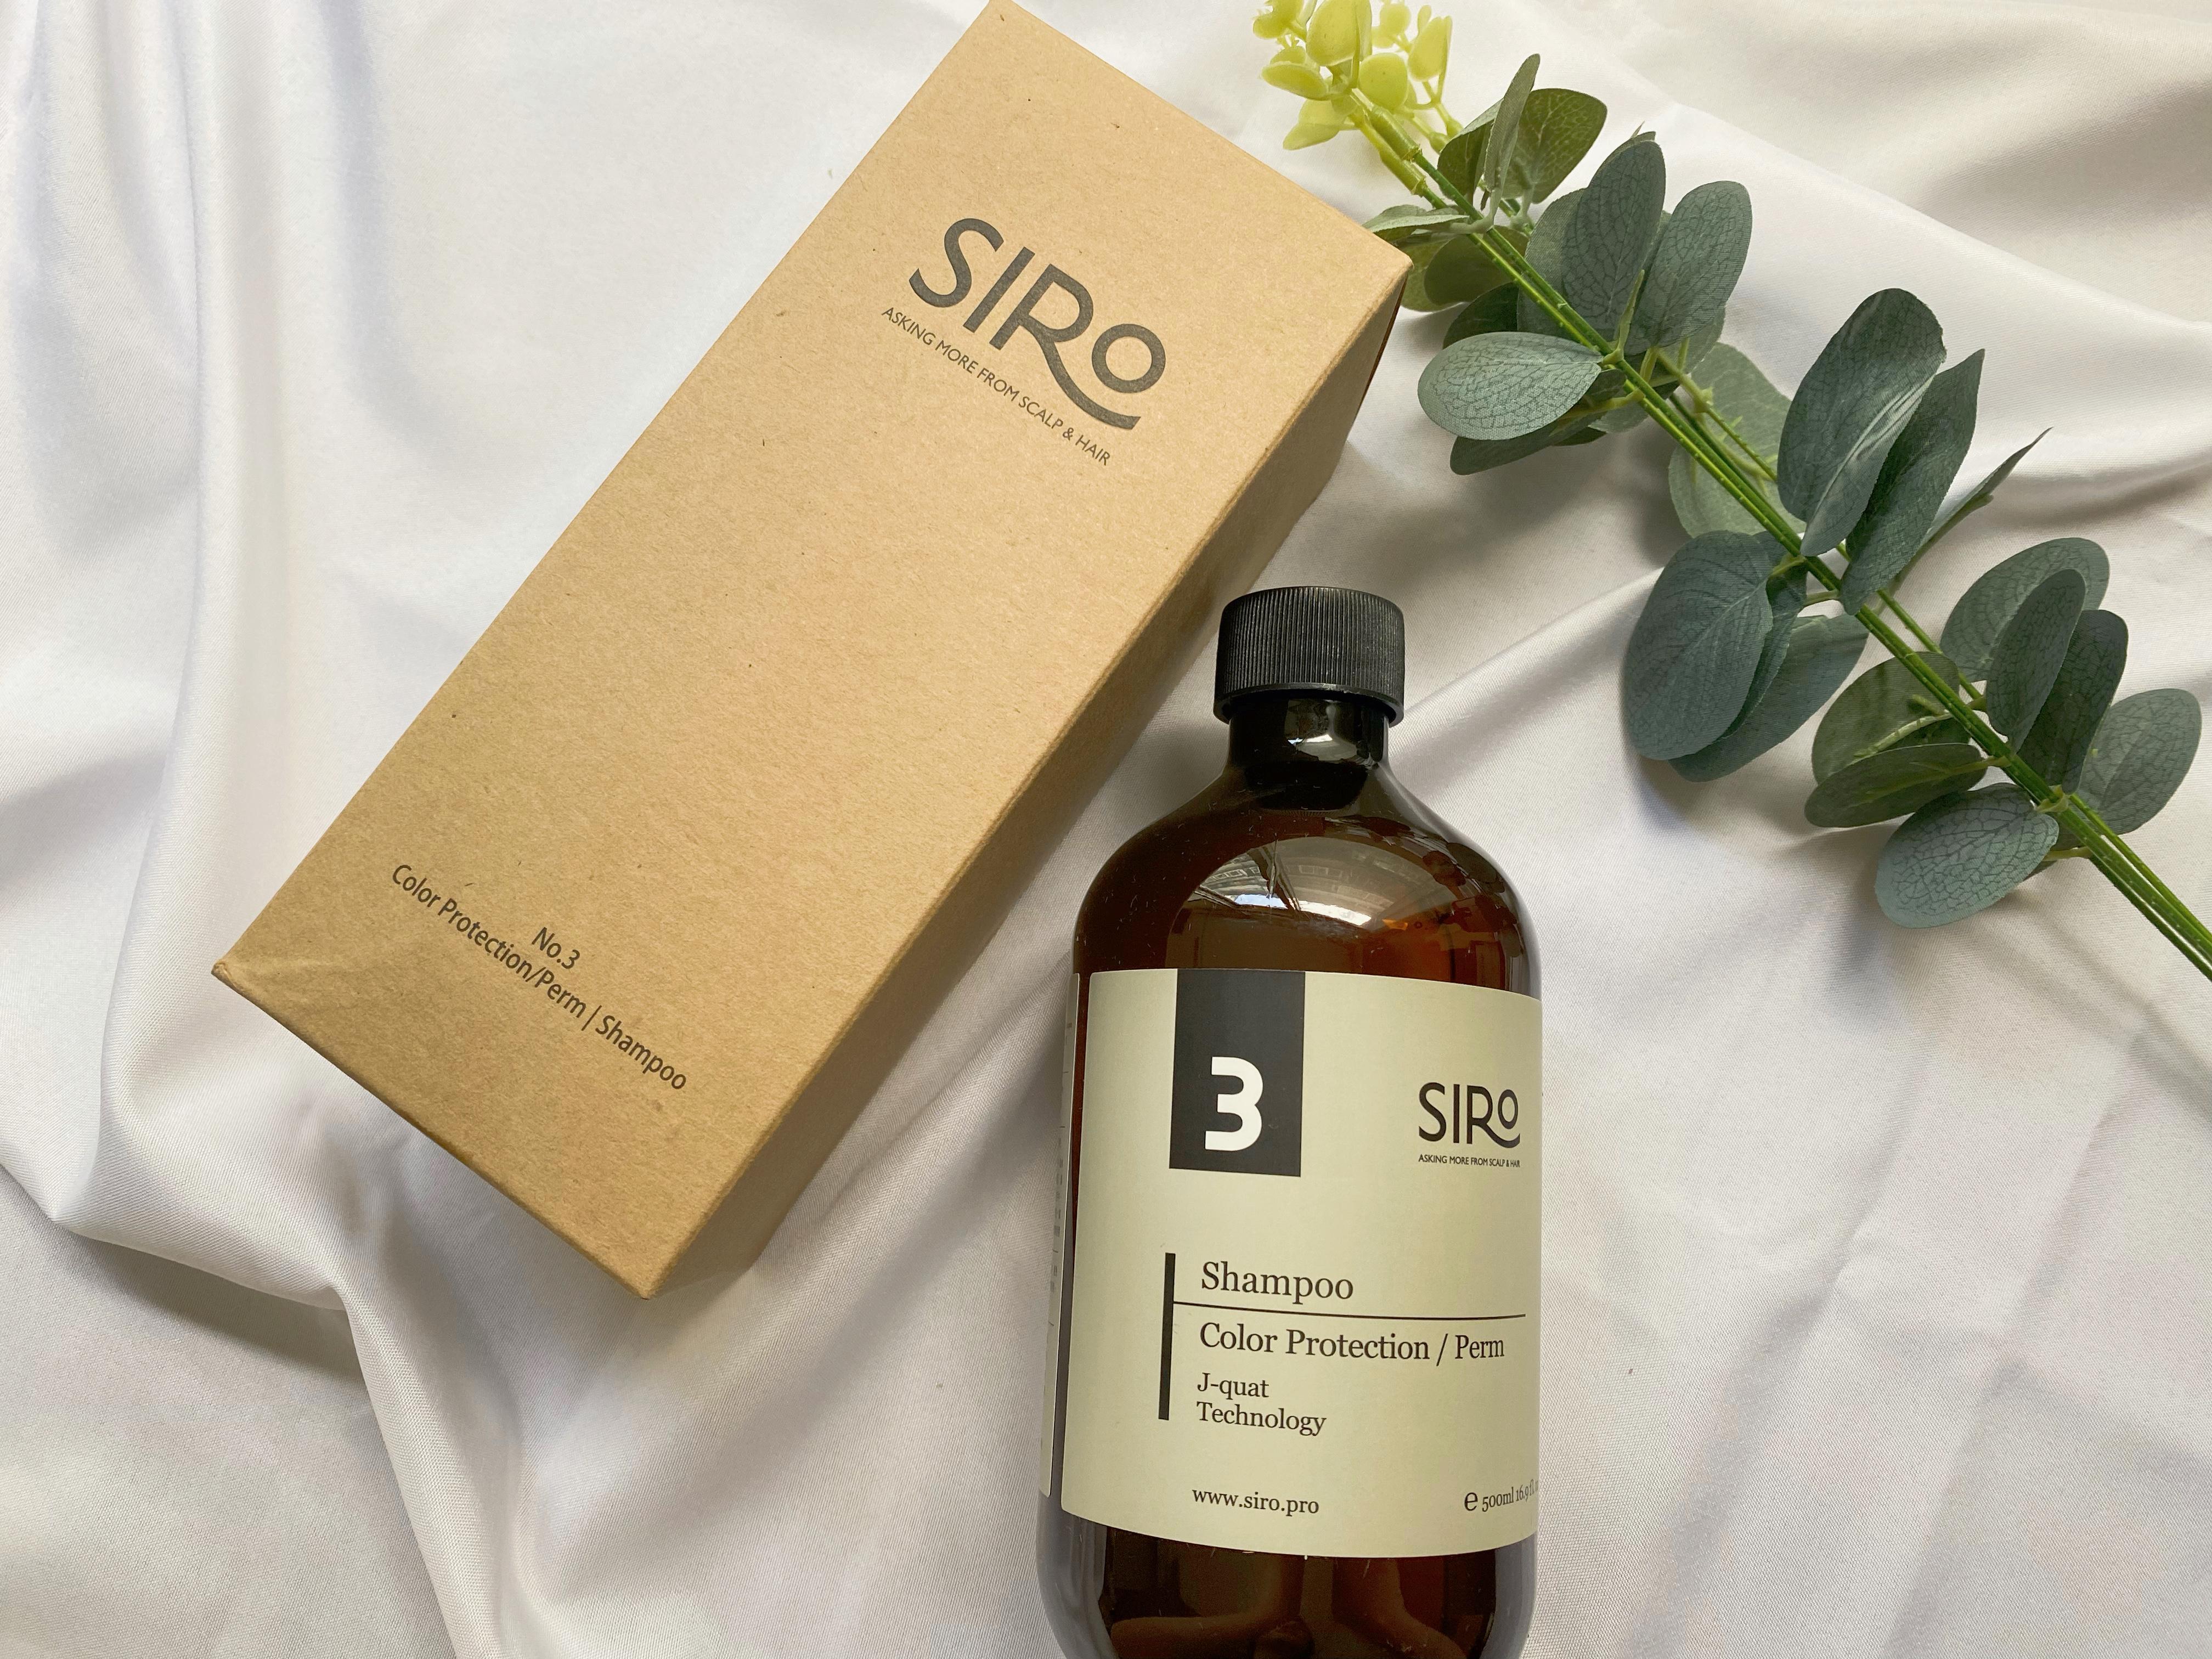 細軟髮洗髮精推薦 MIT台灣健髮品牌SIRO 3號 - 修復洗髮露  ptt dcard評價